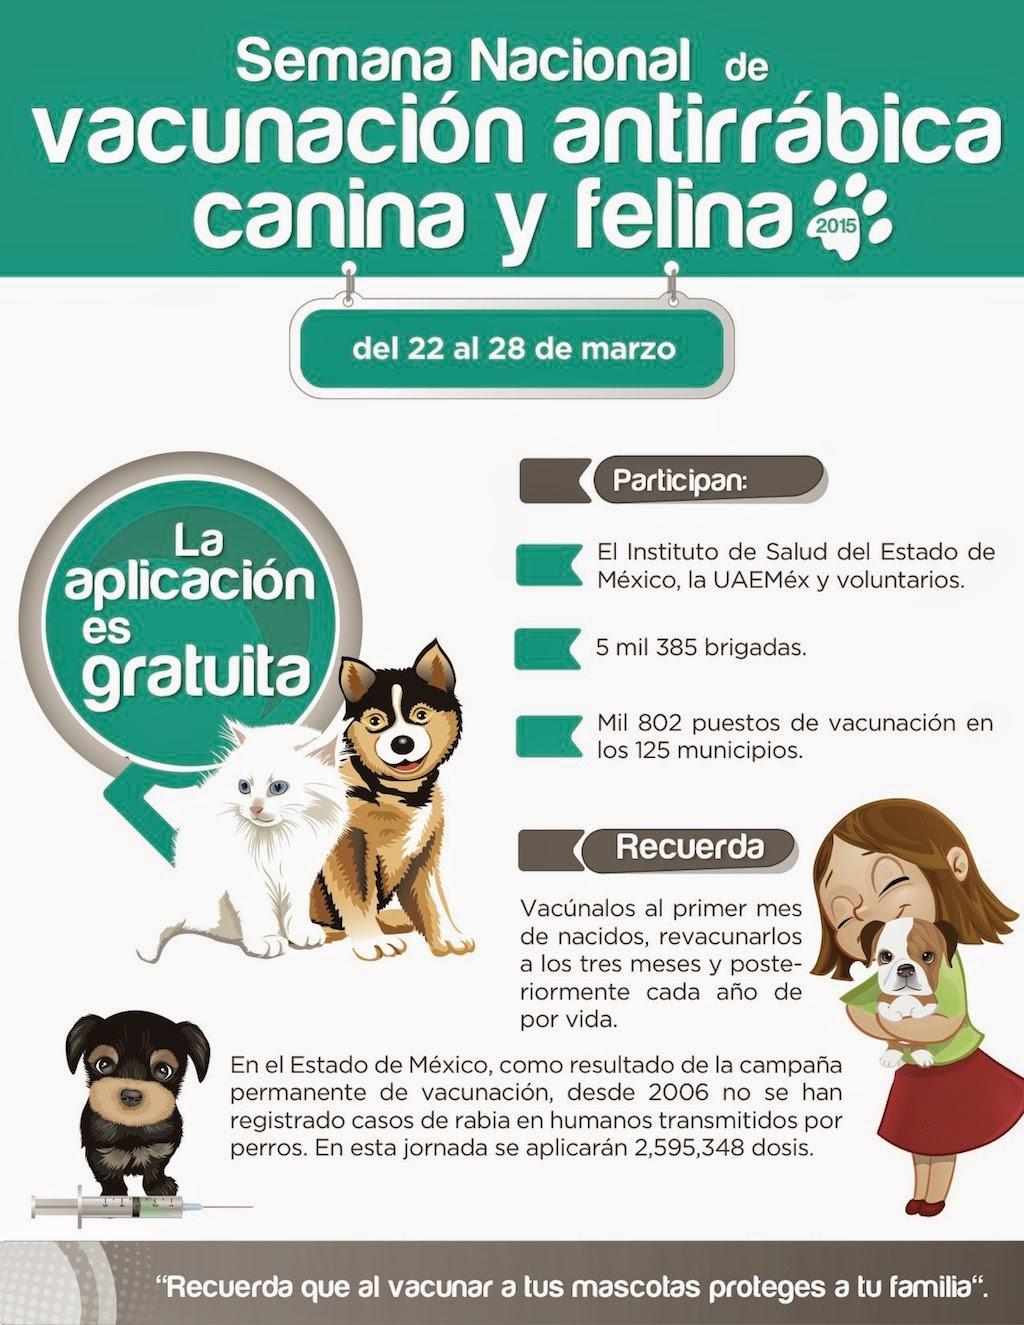 ... : Semana Nacional de Vacunación Antirrábica Canina y Felina 2015